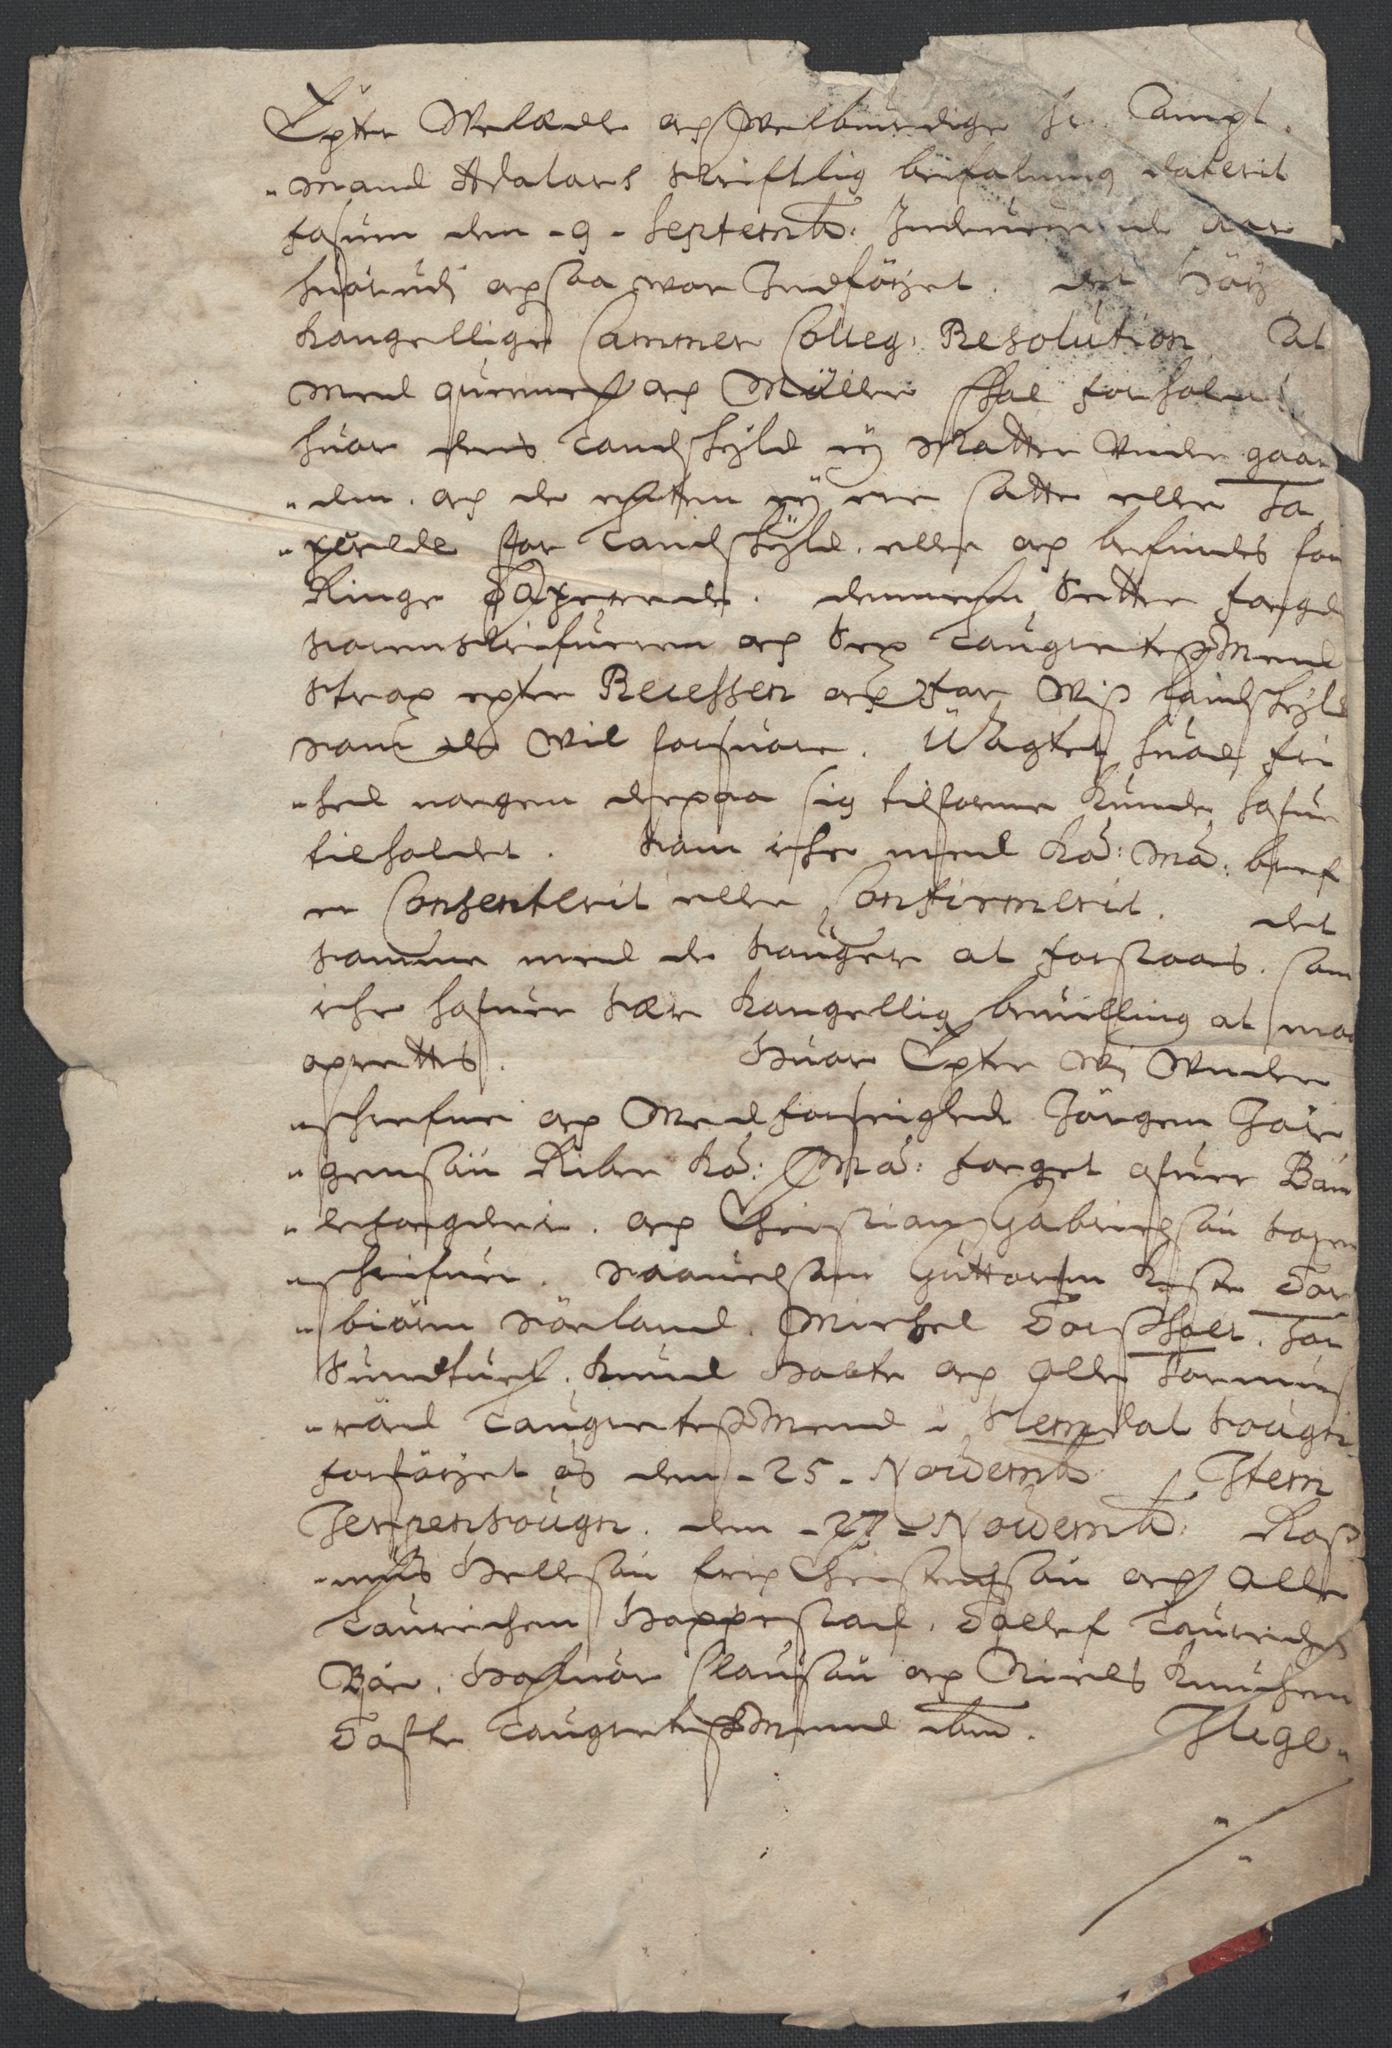 RA, Rentekammeret inntil 1814, Reviderte regnskaper, Fogderegnskap, R34/L2049: Fogderegnskap Bamble, 1685-1687, s. 172